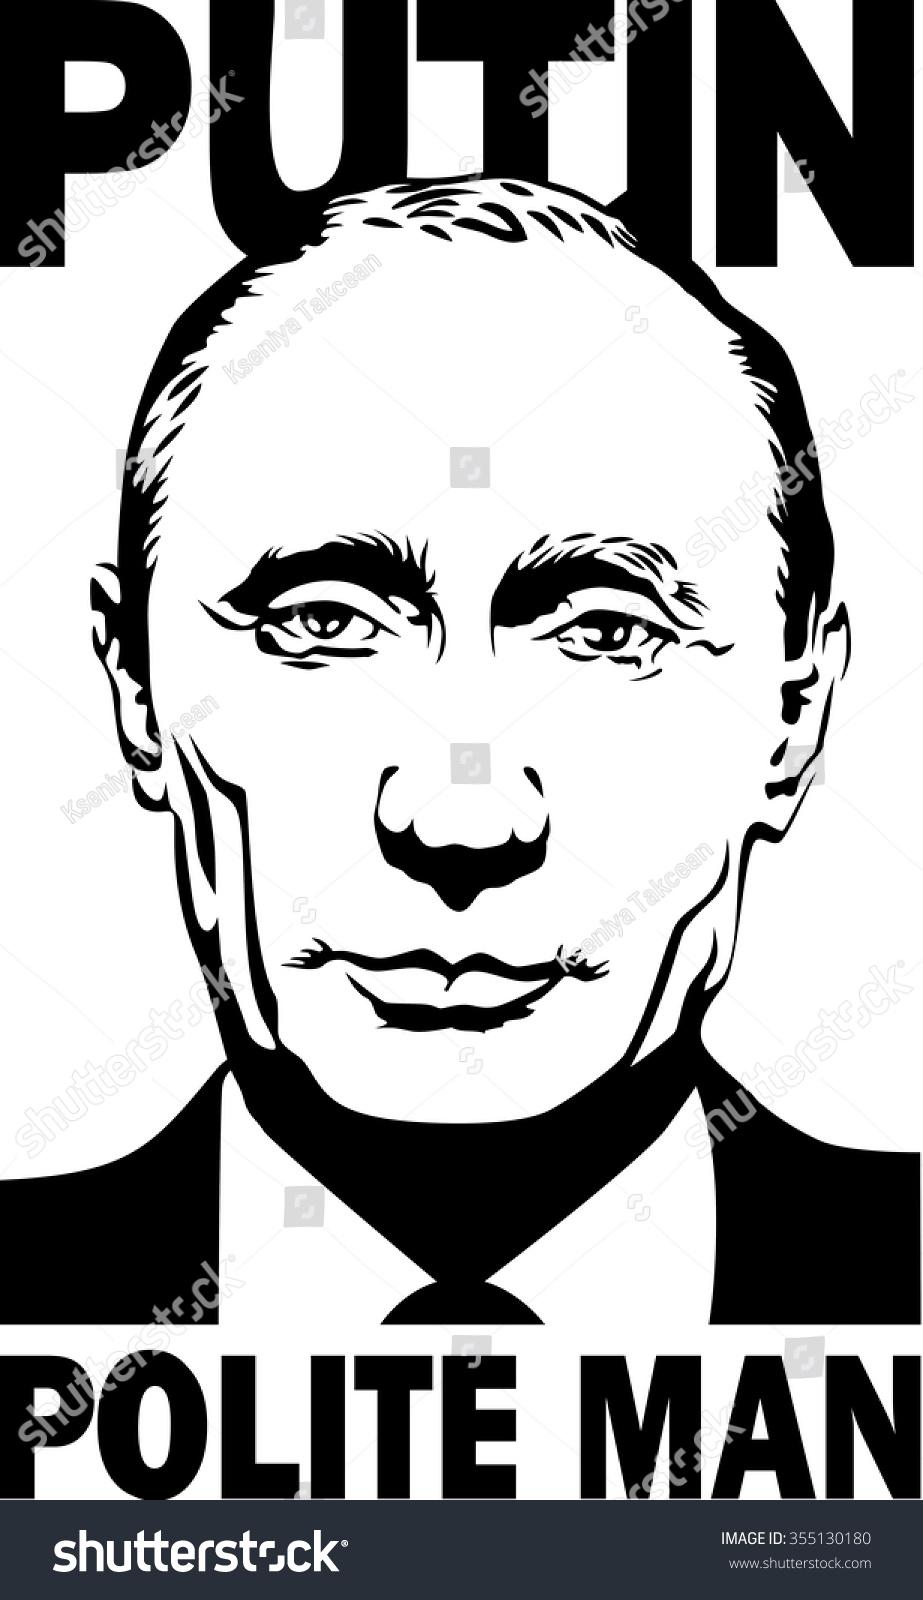 December 13 2015 Vector Illustration Russian Stock Vector Royalty Free 355130180